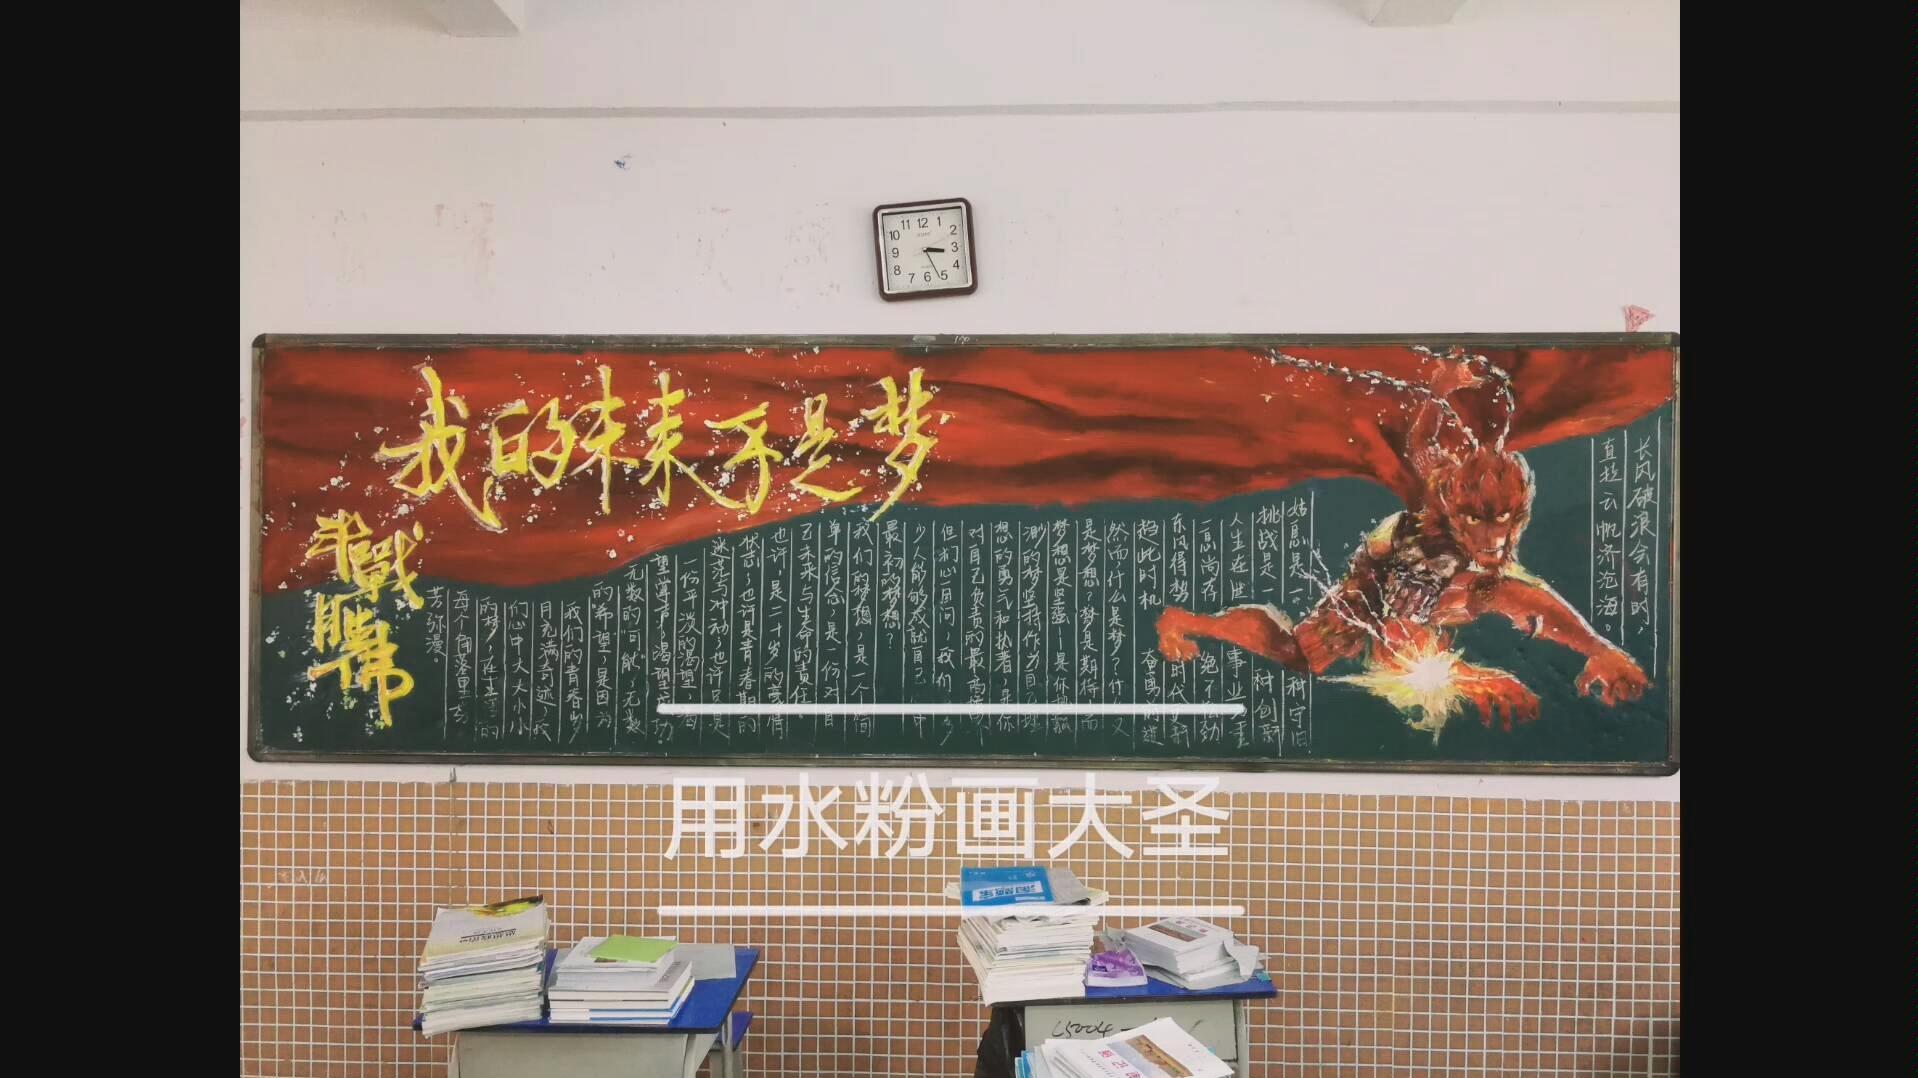 【水粉黑板报】在黑板上画大圣归来海报!(无过程)图片